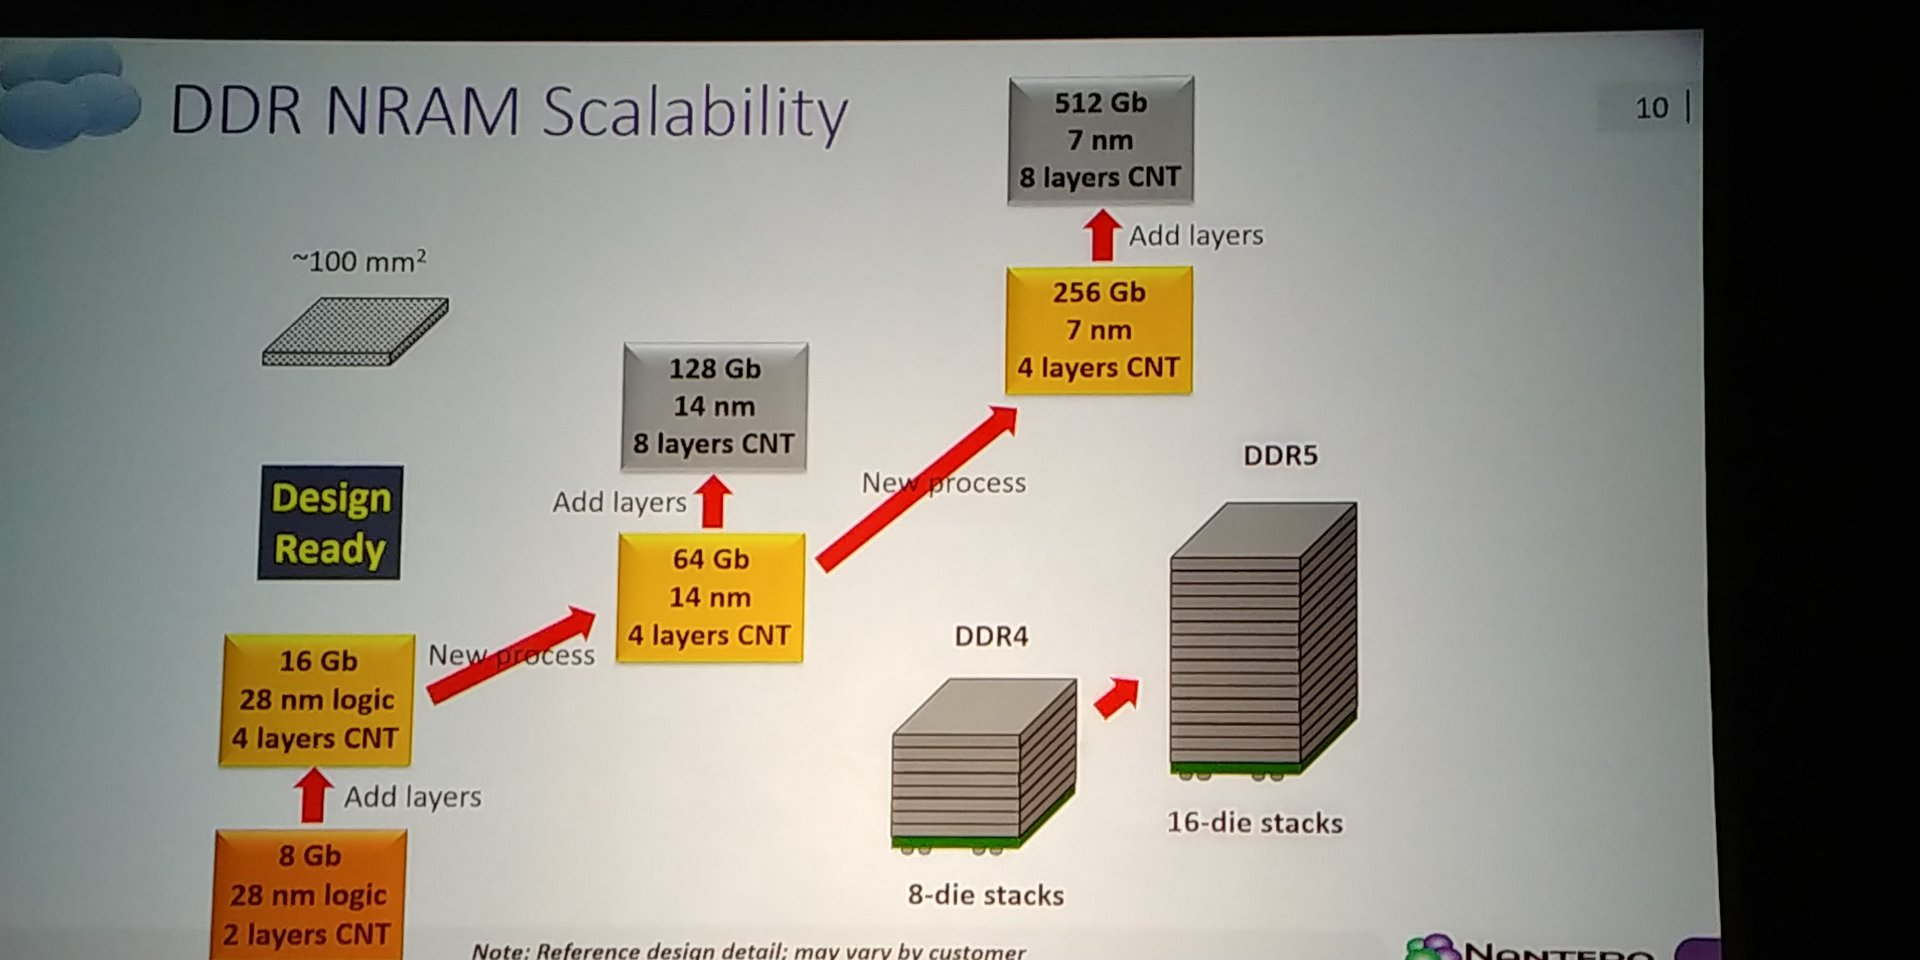 NRAM zunächst mit 8 Gbit und 2 Layern